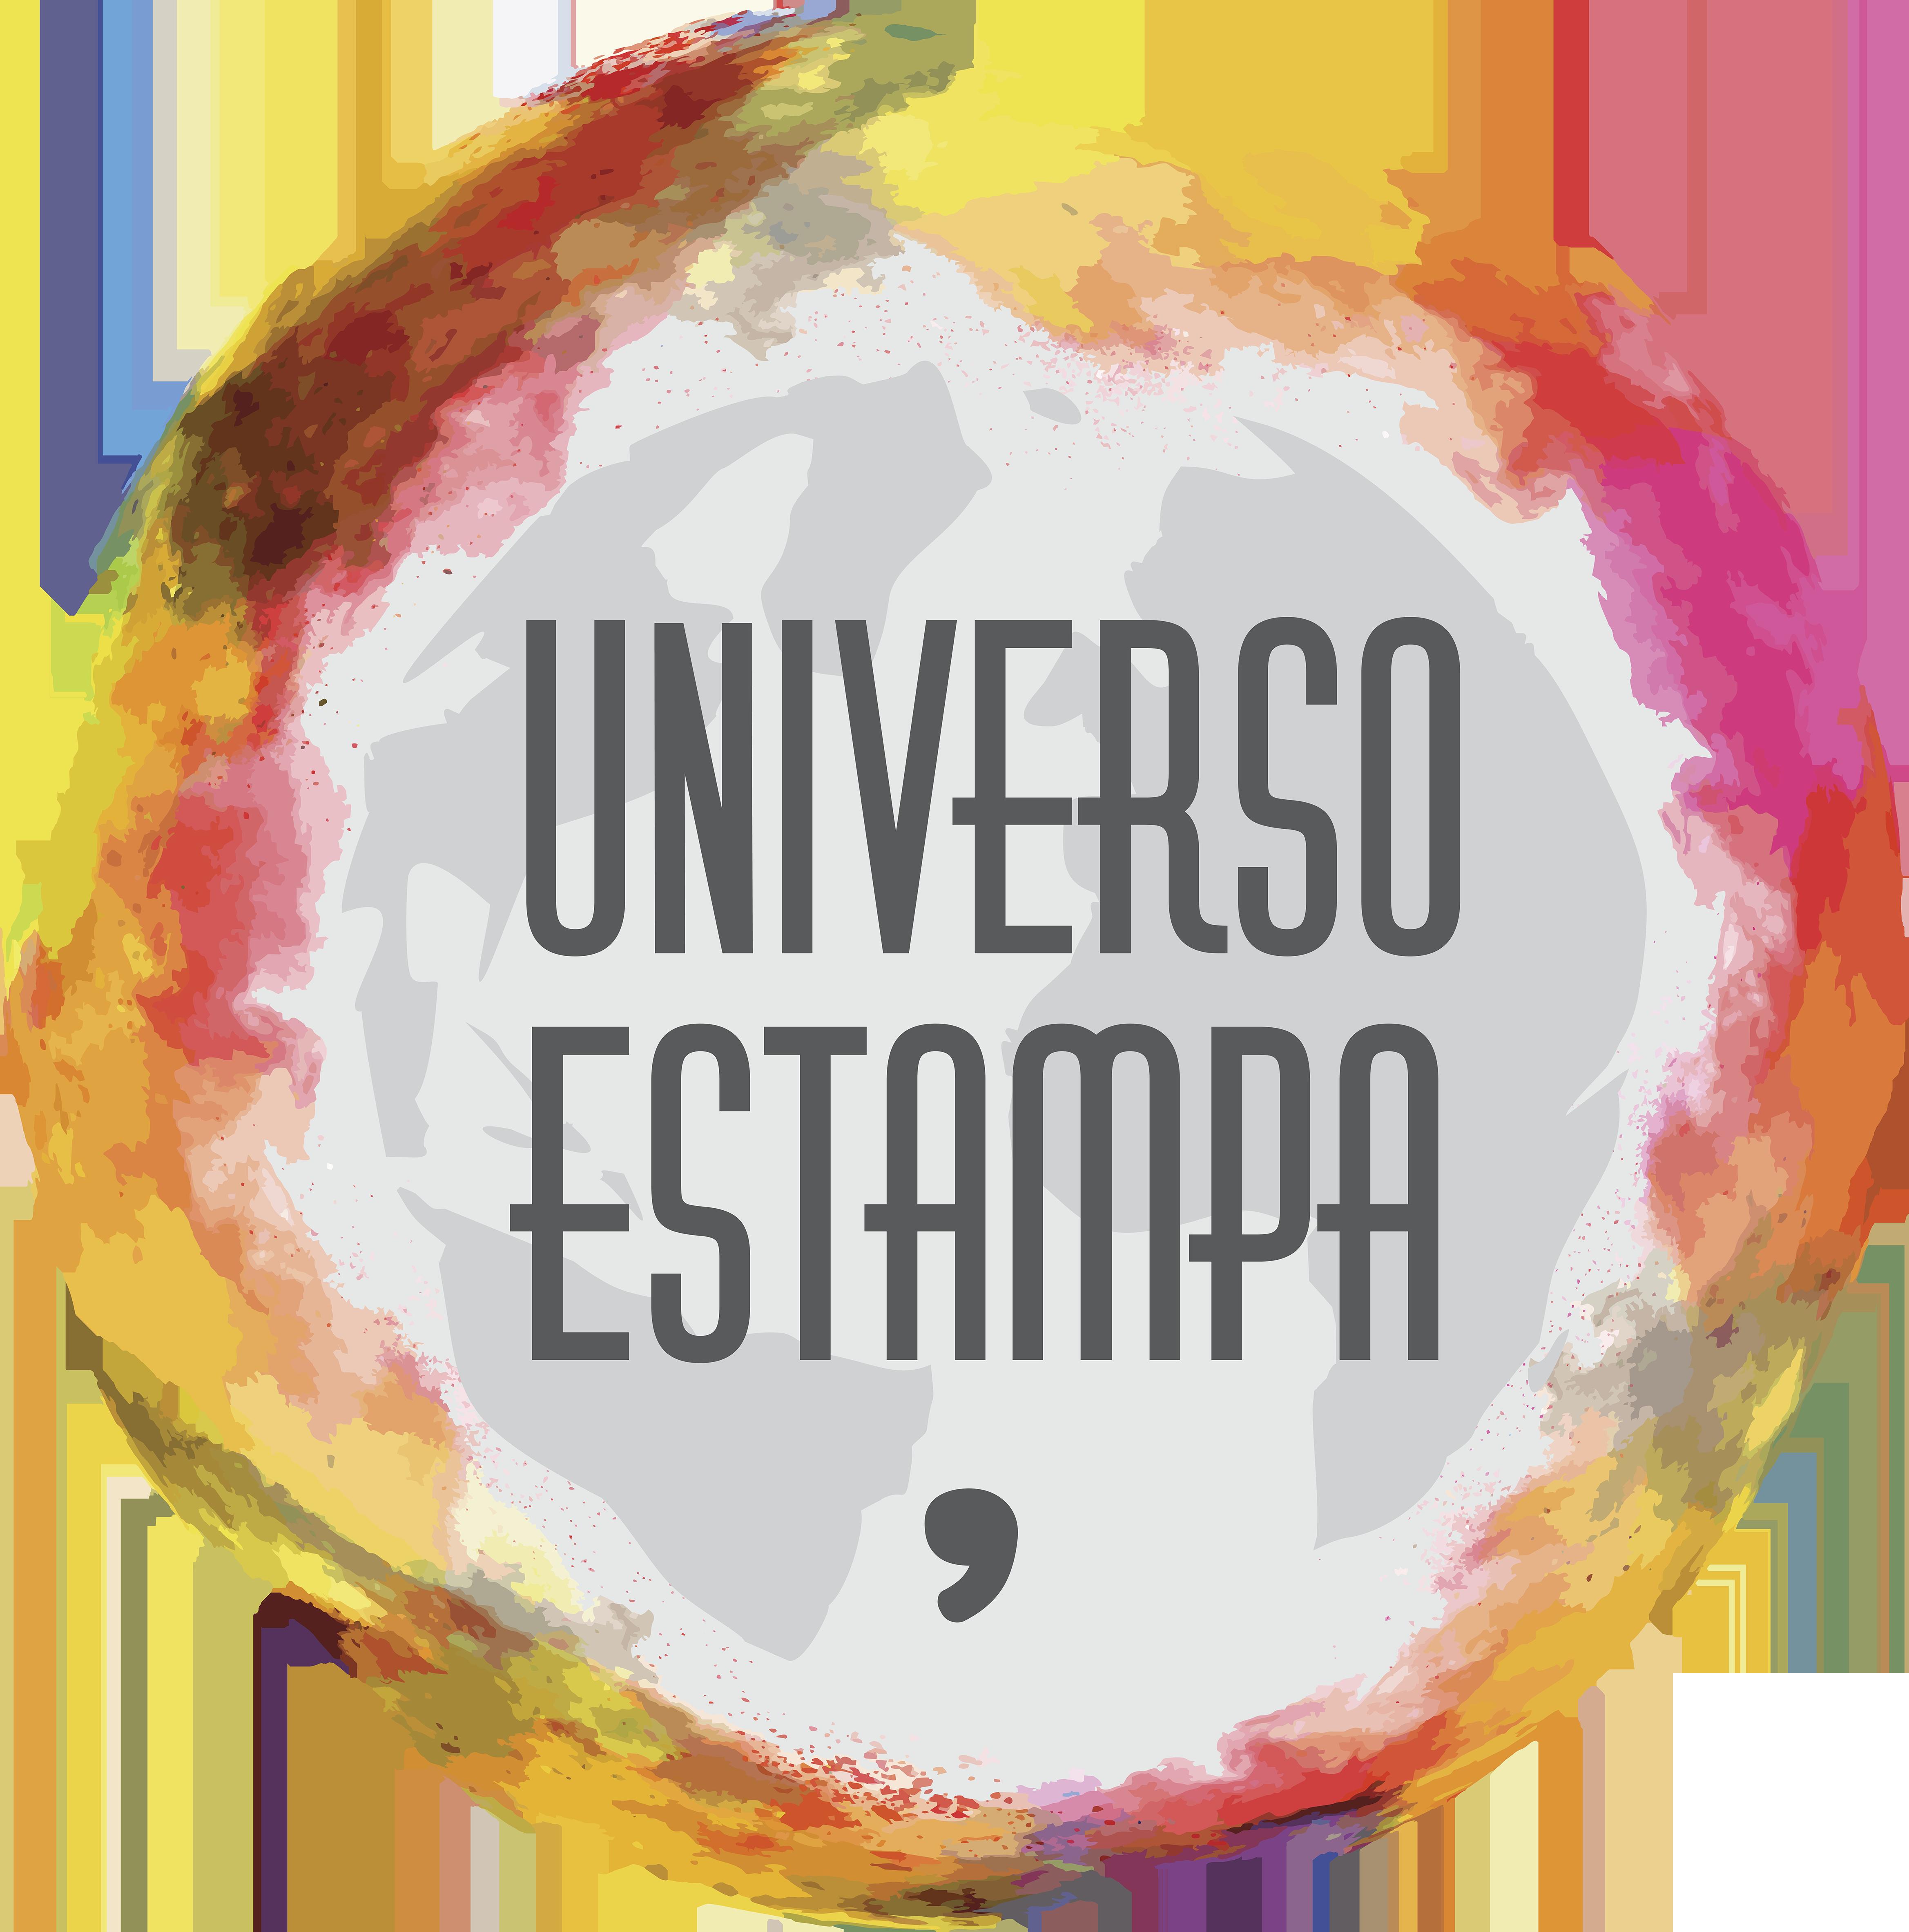 Universo Estampa